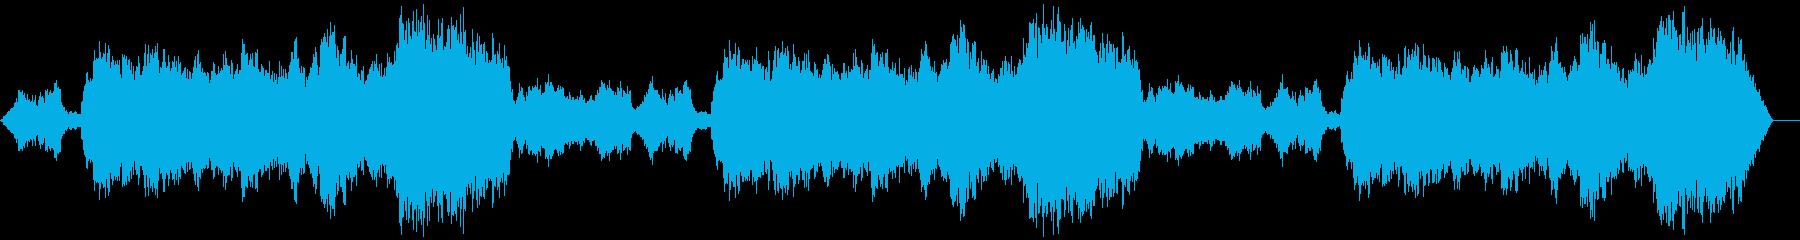 切なく終焉的な雰囲気のBGMの再生済みの波形